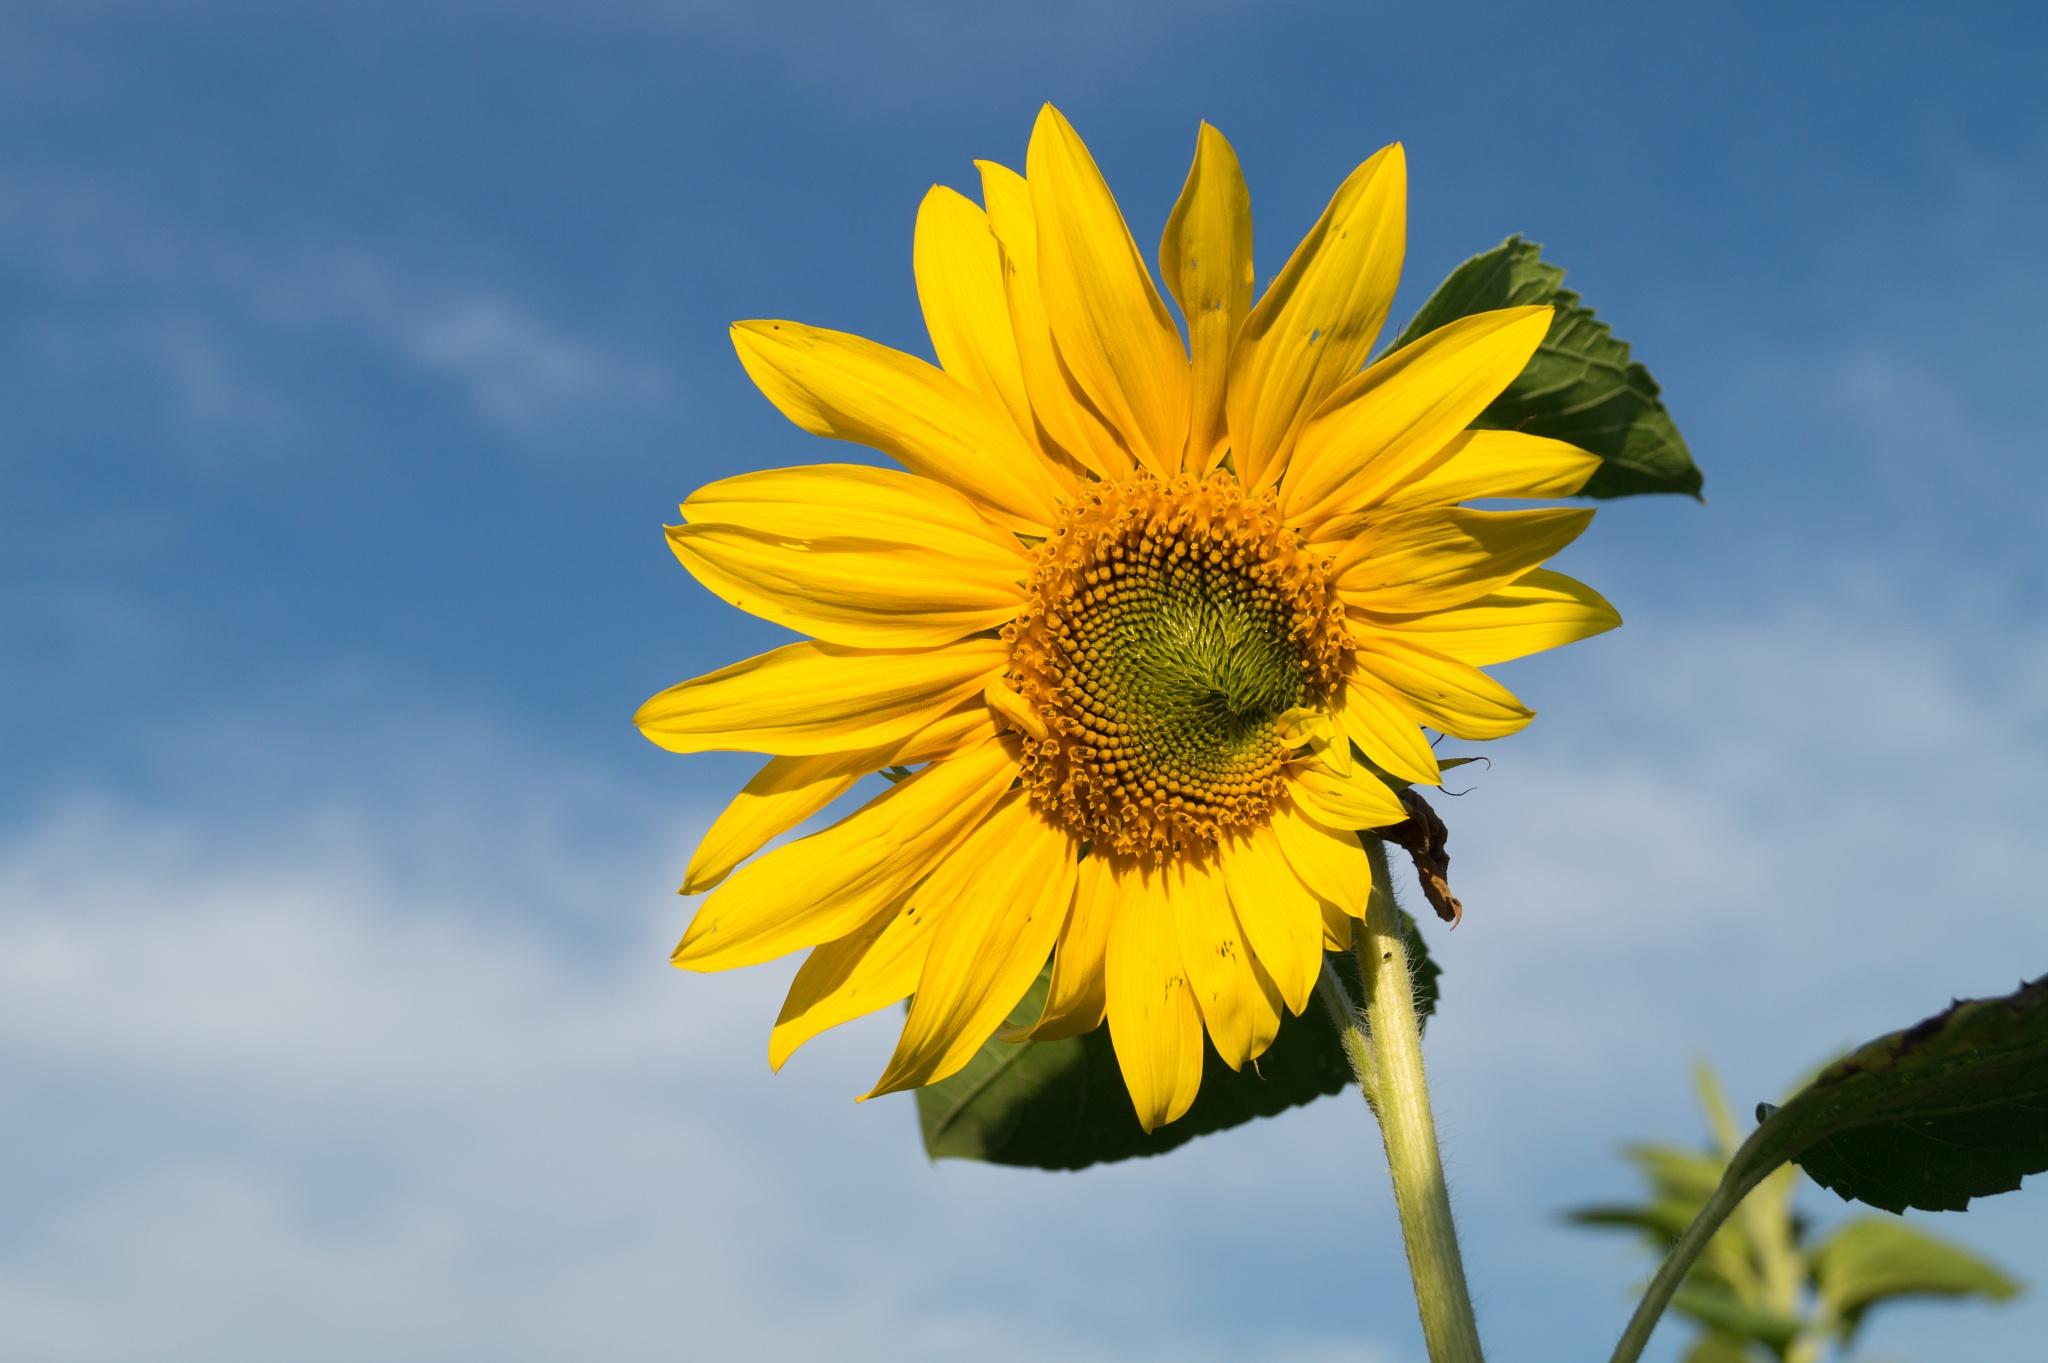 Sunflower / Sonnenblume by karibikadler